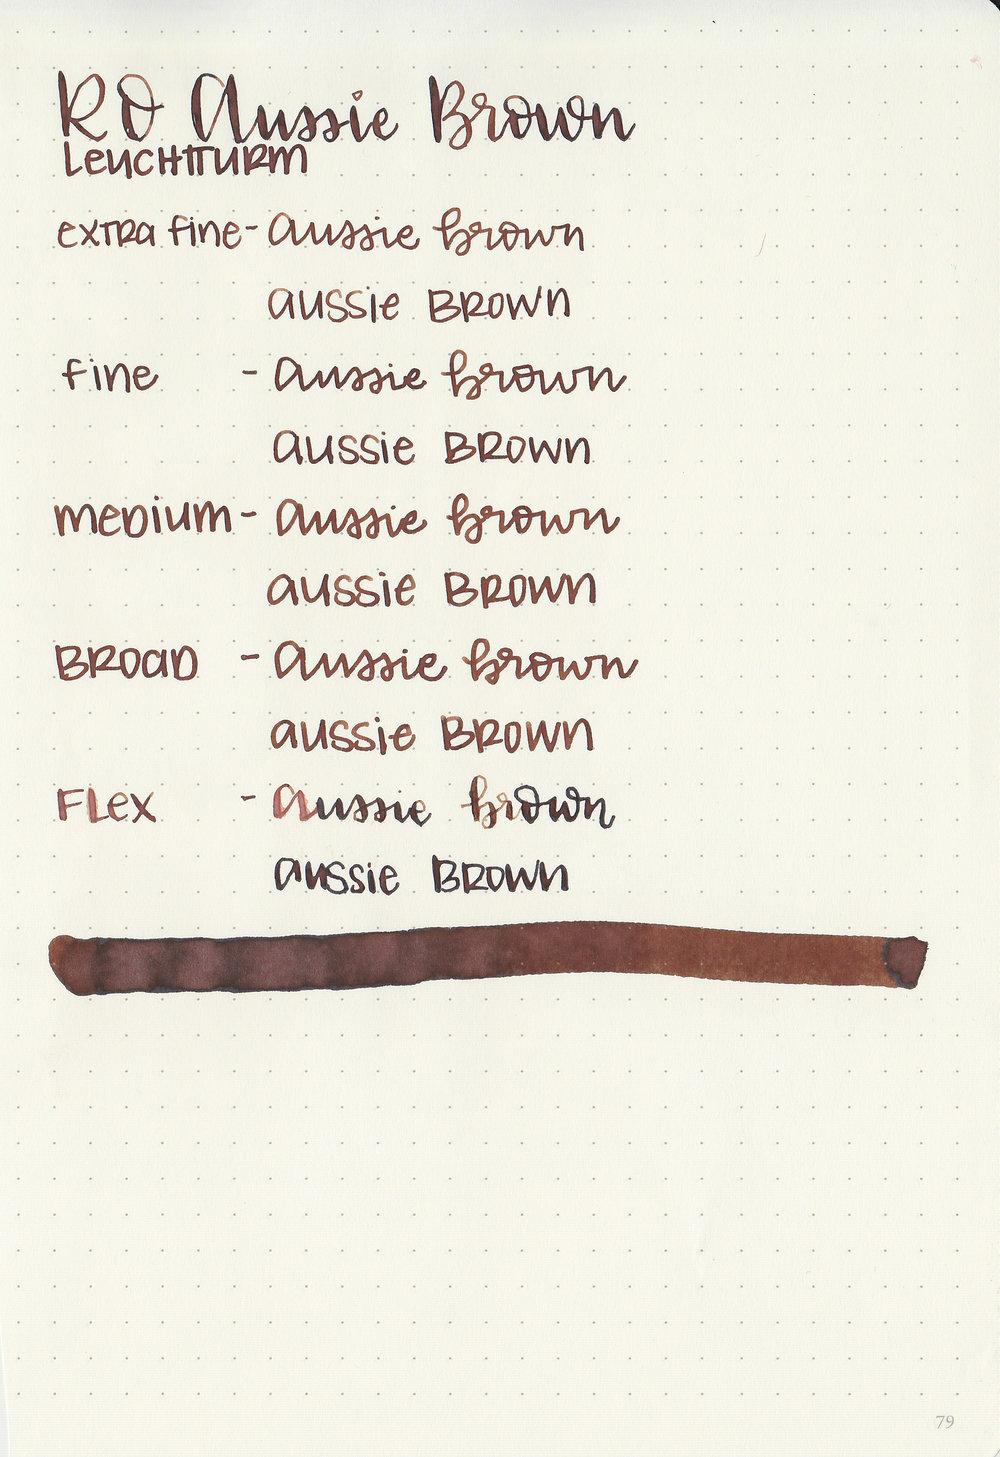 ro-aussie-brown-9.jpg